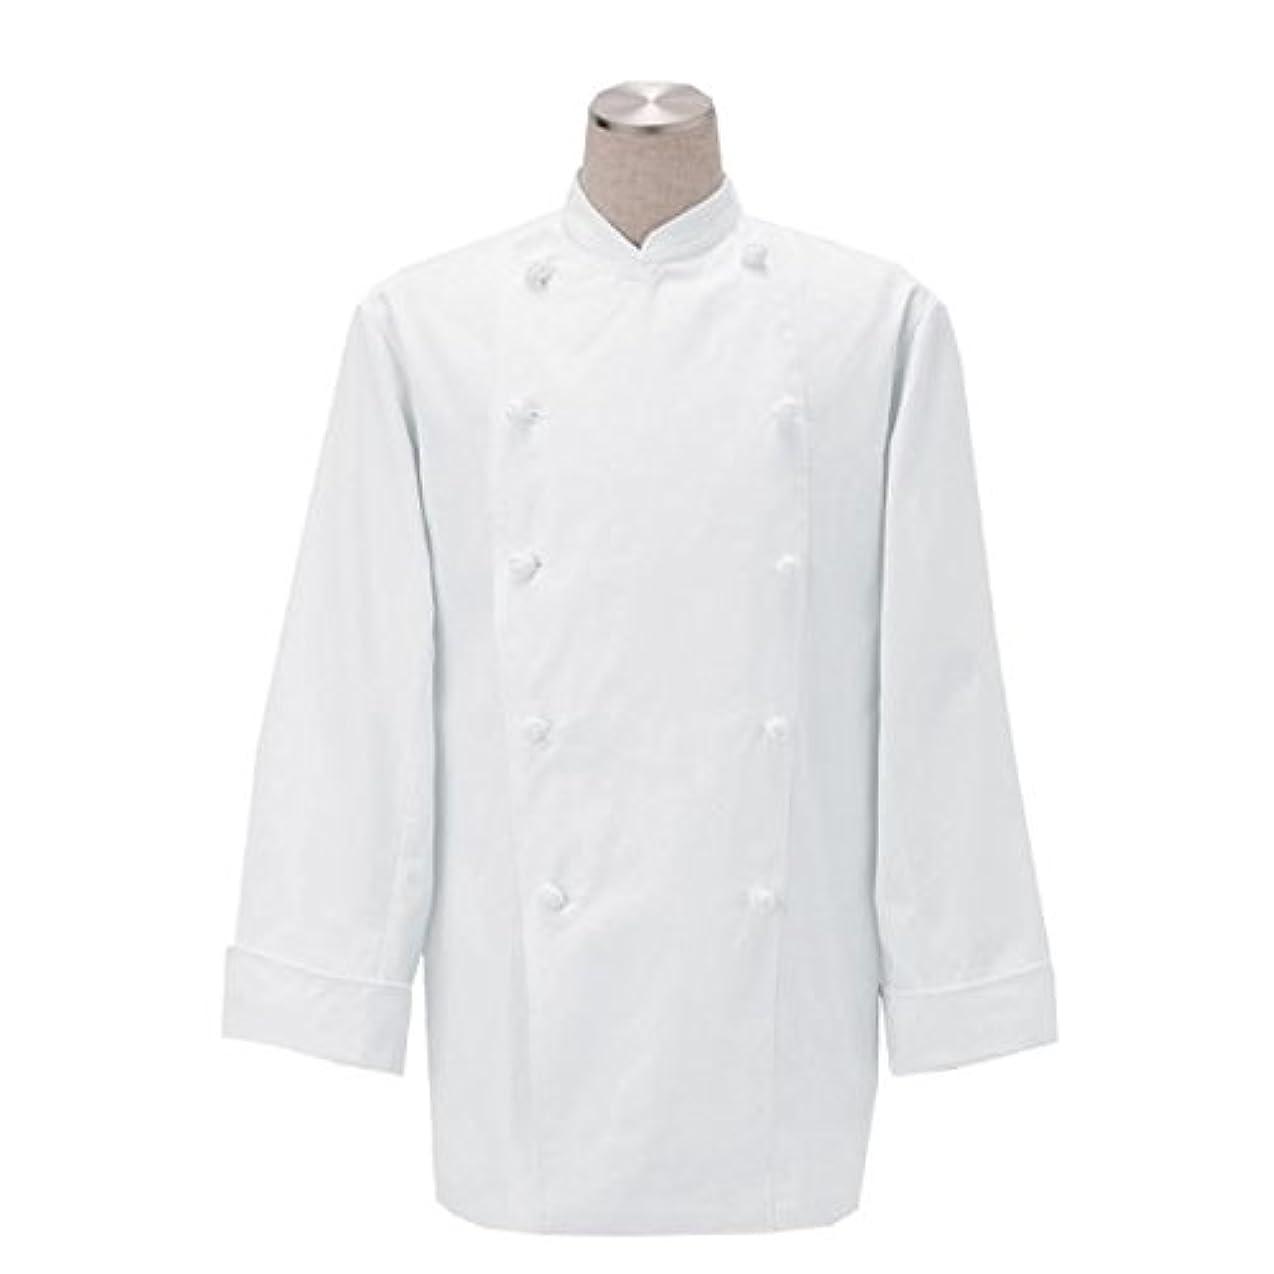 衣類評決言い聞かせるworkfriend 調理用白衣コックコート SKH500 LLサイズ